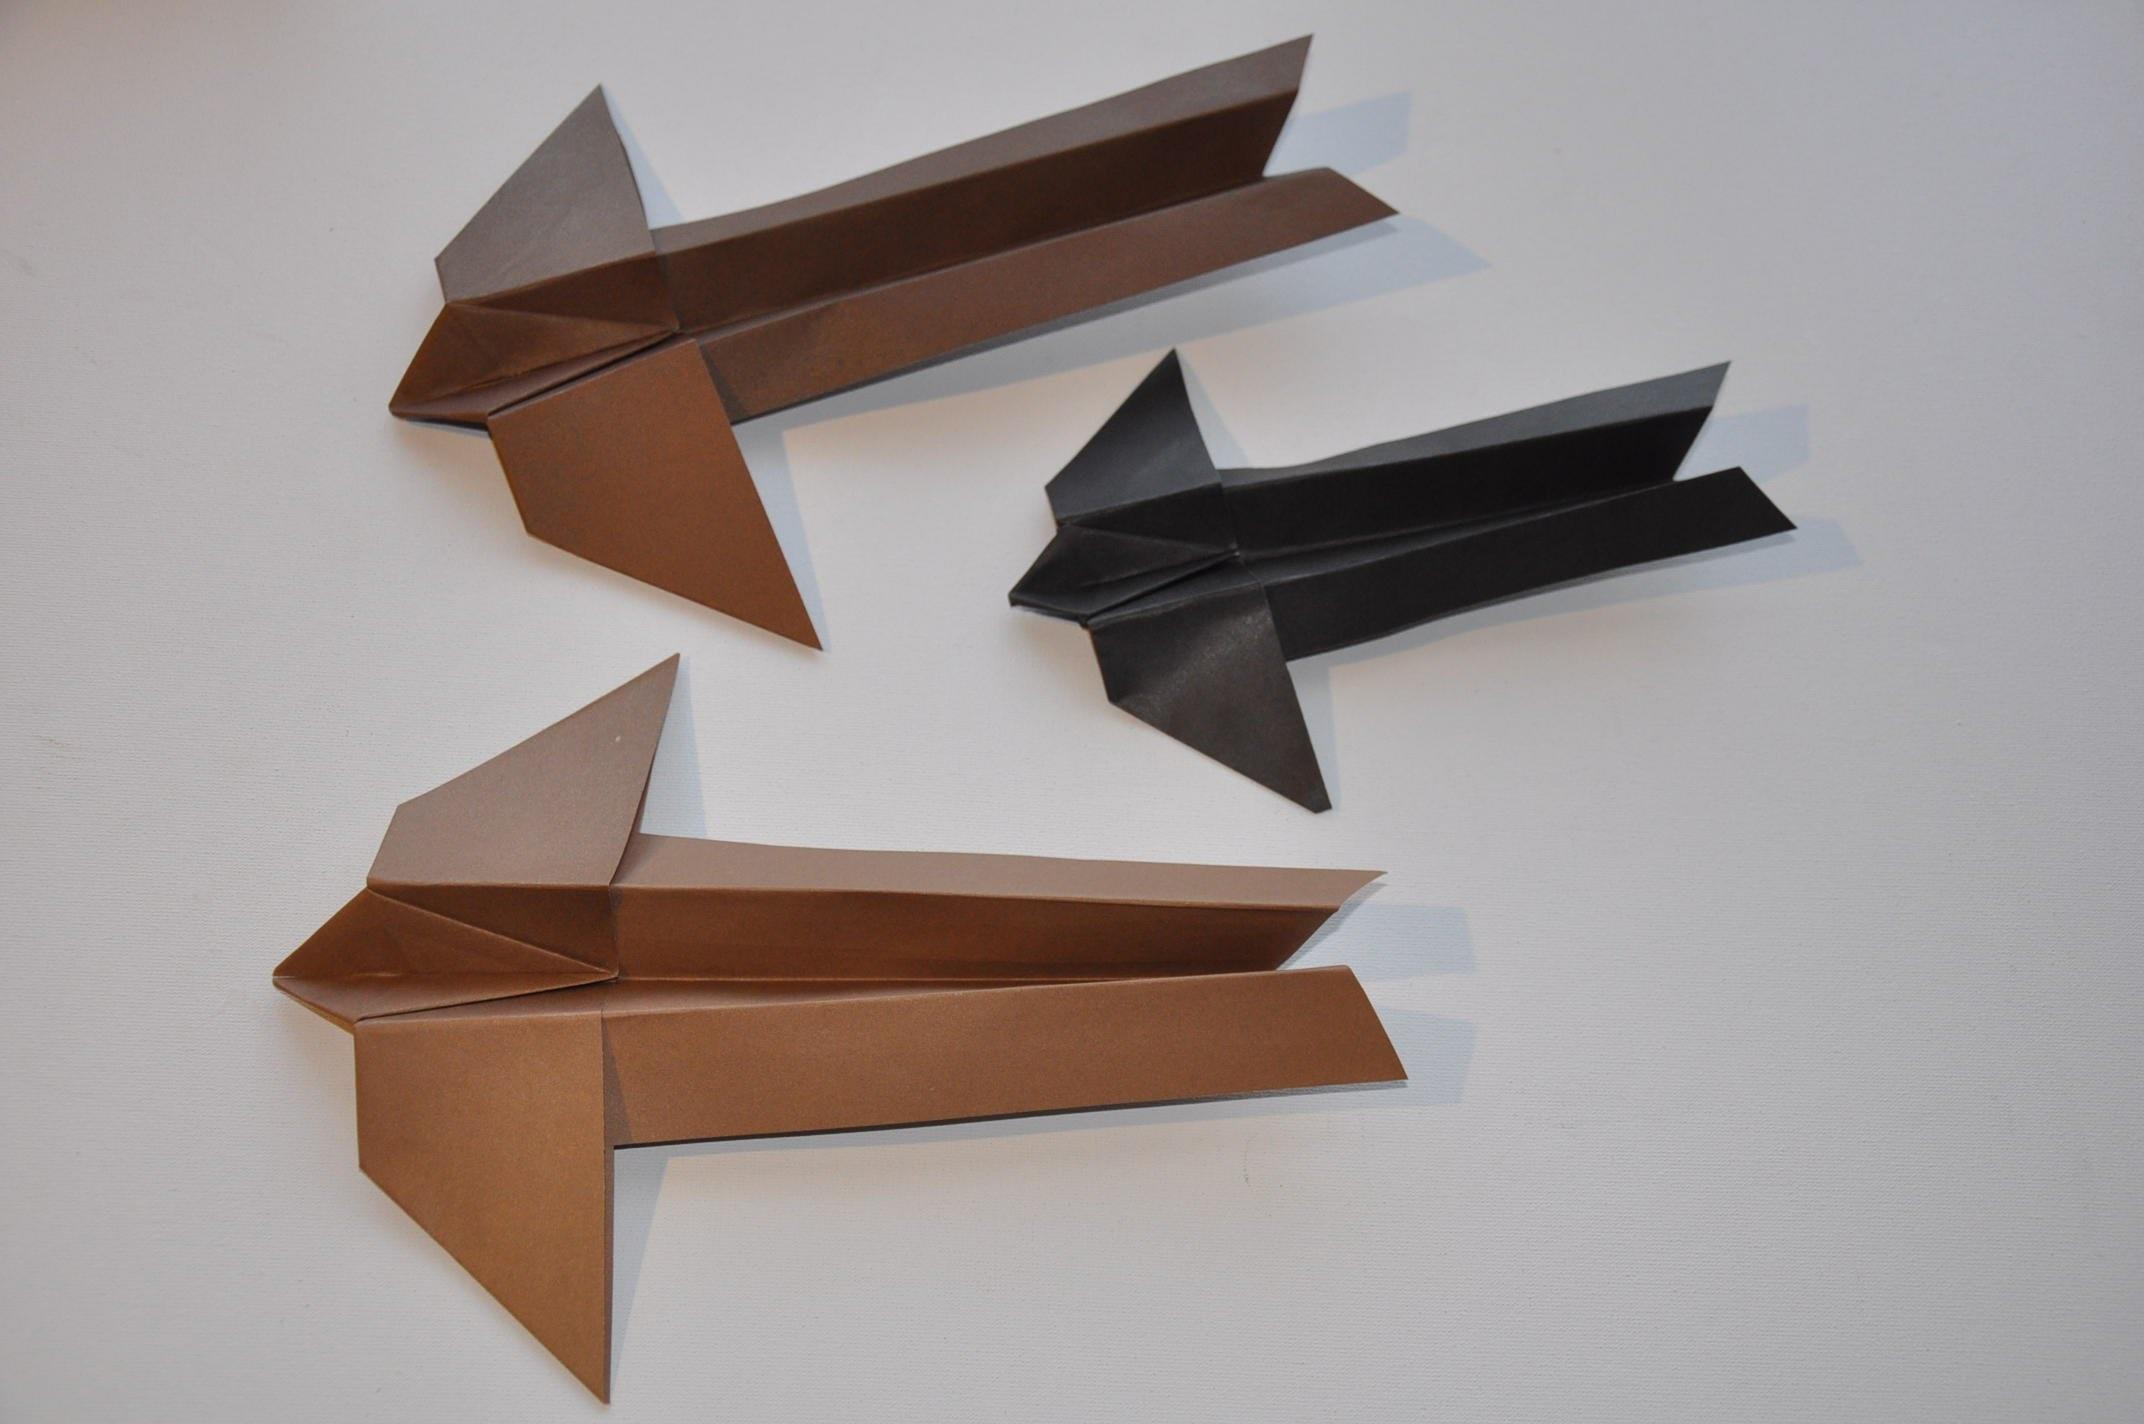 Samolot z papieru # Gołąb # Paper Plane DIY